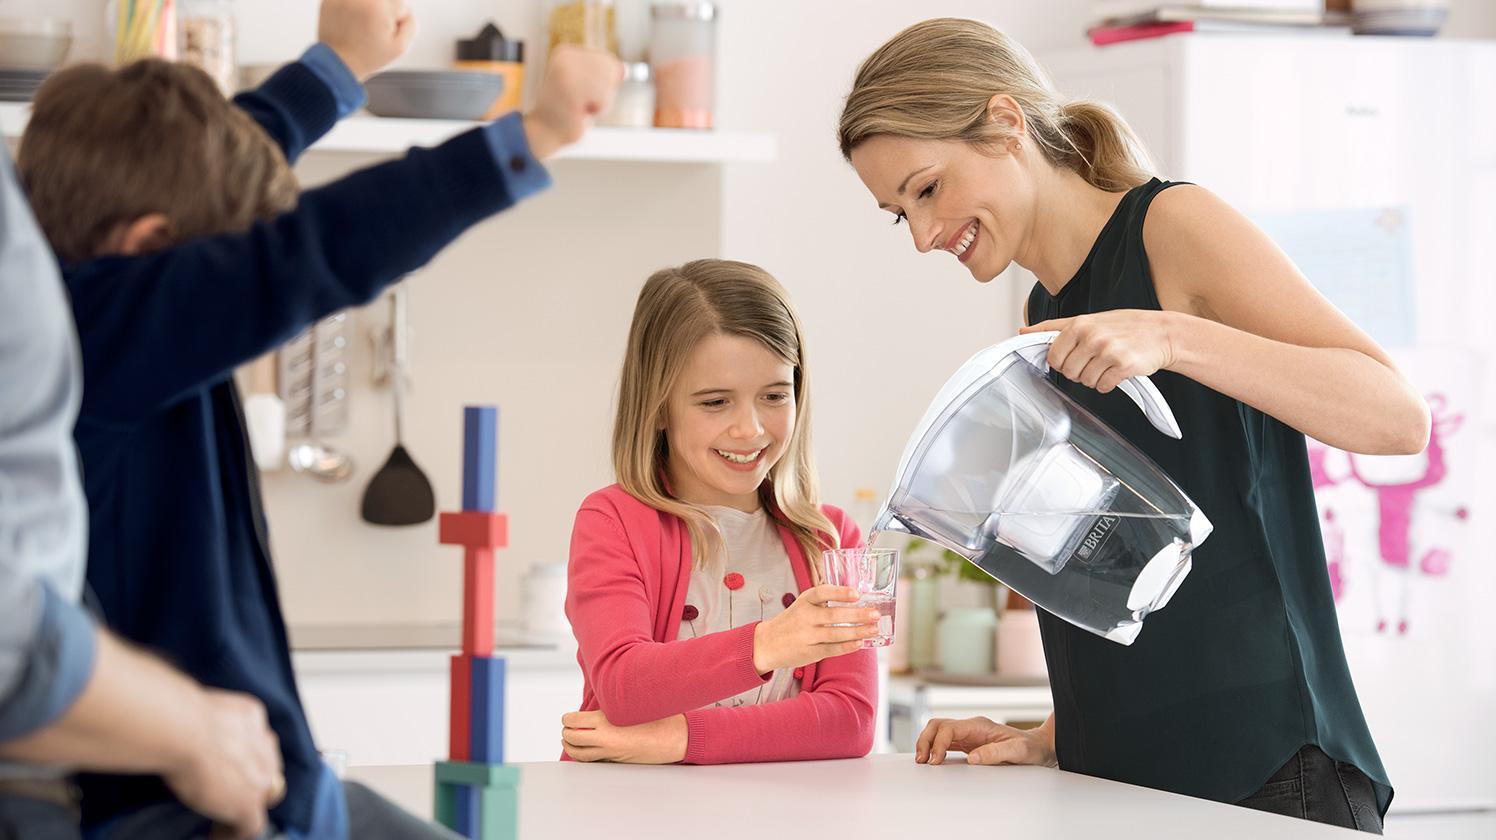 BRITA indywidualne nawodnienie rodzina w kuchni